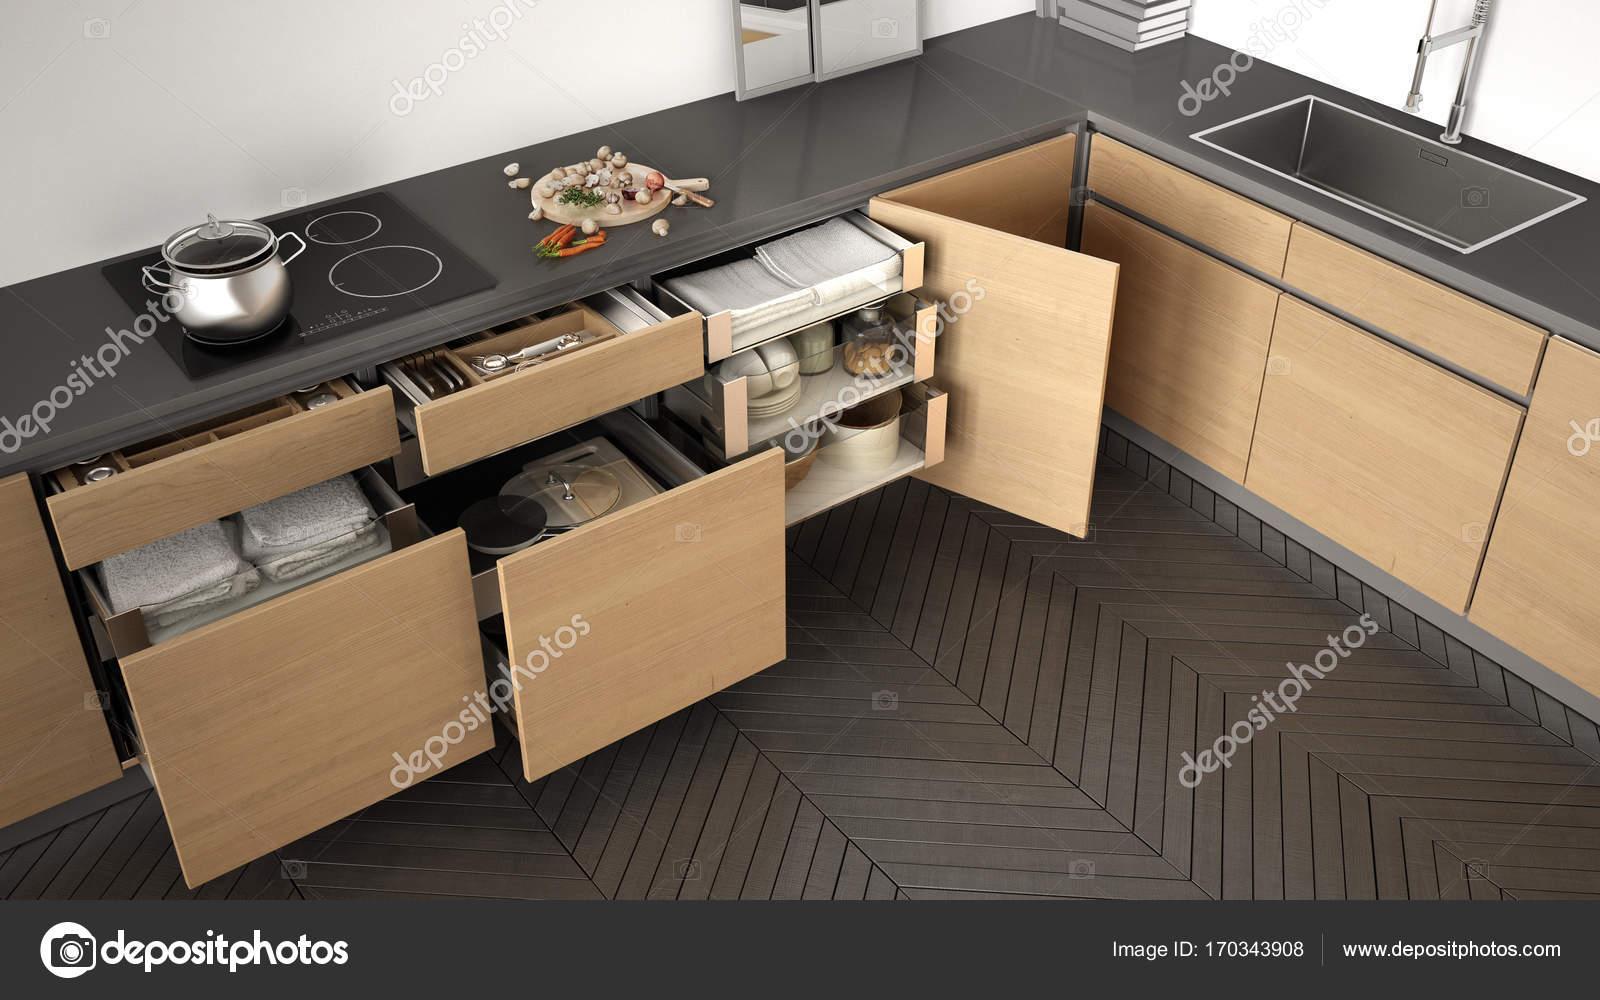 Houten Accessoires Keuken : Moderne keuken bovenaanzicht opende houten laden met accessoires